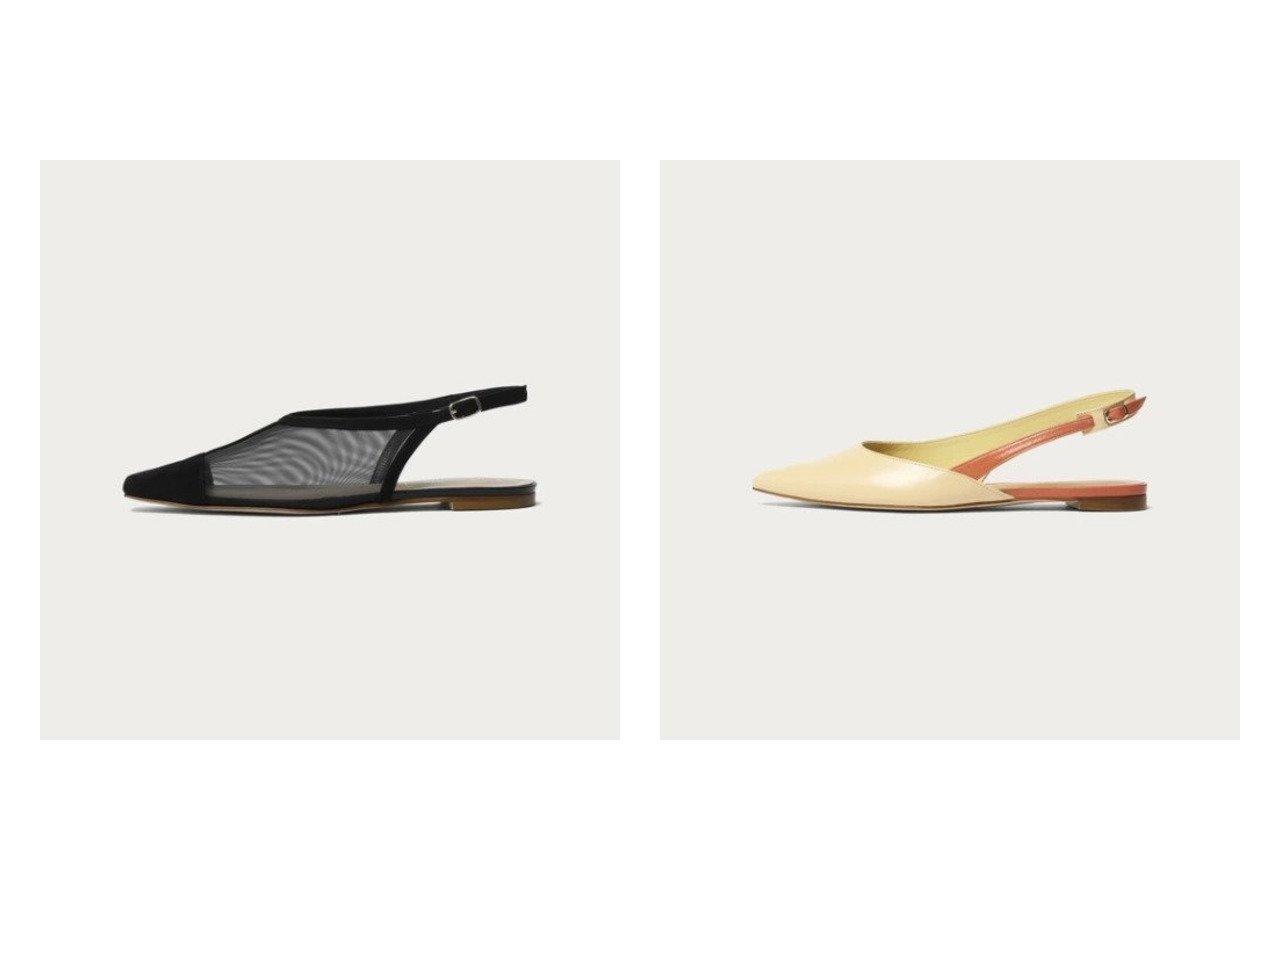 【Odette e Odile/オデット エ オディール】のOID スクエアチュールバックべルト FLT10↓↑&OFD サイドアクセントバックベルト FLT10↑ 【シューズ・靴】おすすめ!人気、トレンド・レディースファッションの通販 おすすめで人気の流行・トレンド、ファッションの通販商品 メンズファッション・キッズファッション・インテリア・家具・レディースファッション・服の通販 founy(ファニー) https://founy.com/ ファッション Fashion レディースファッション WOMEN バッグ Bag ベルト Belts シアー シューズ チュール フラット 春 Spring シンプル ラップ |ID:crp329100000027859